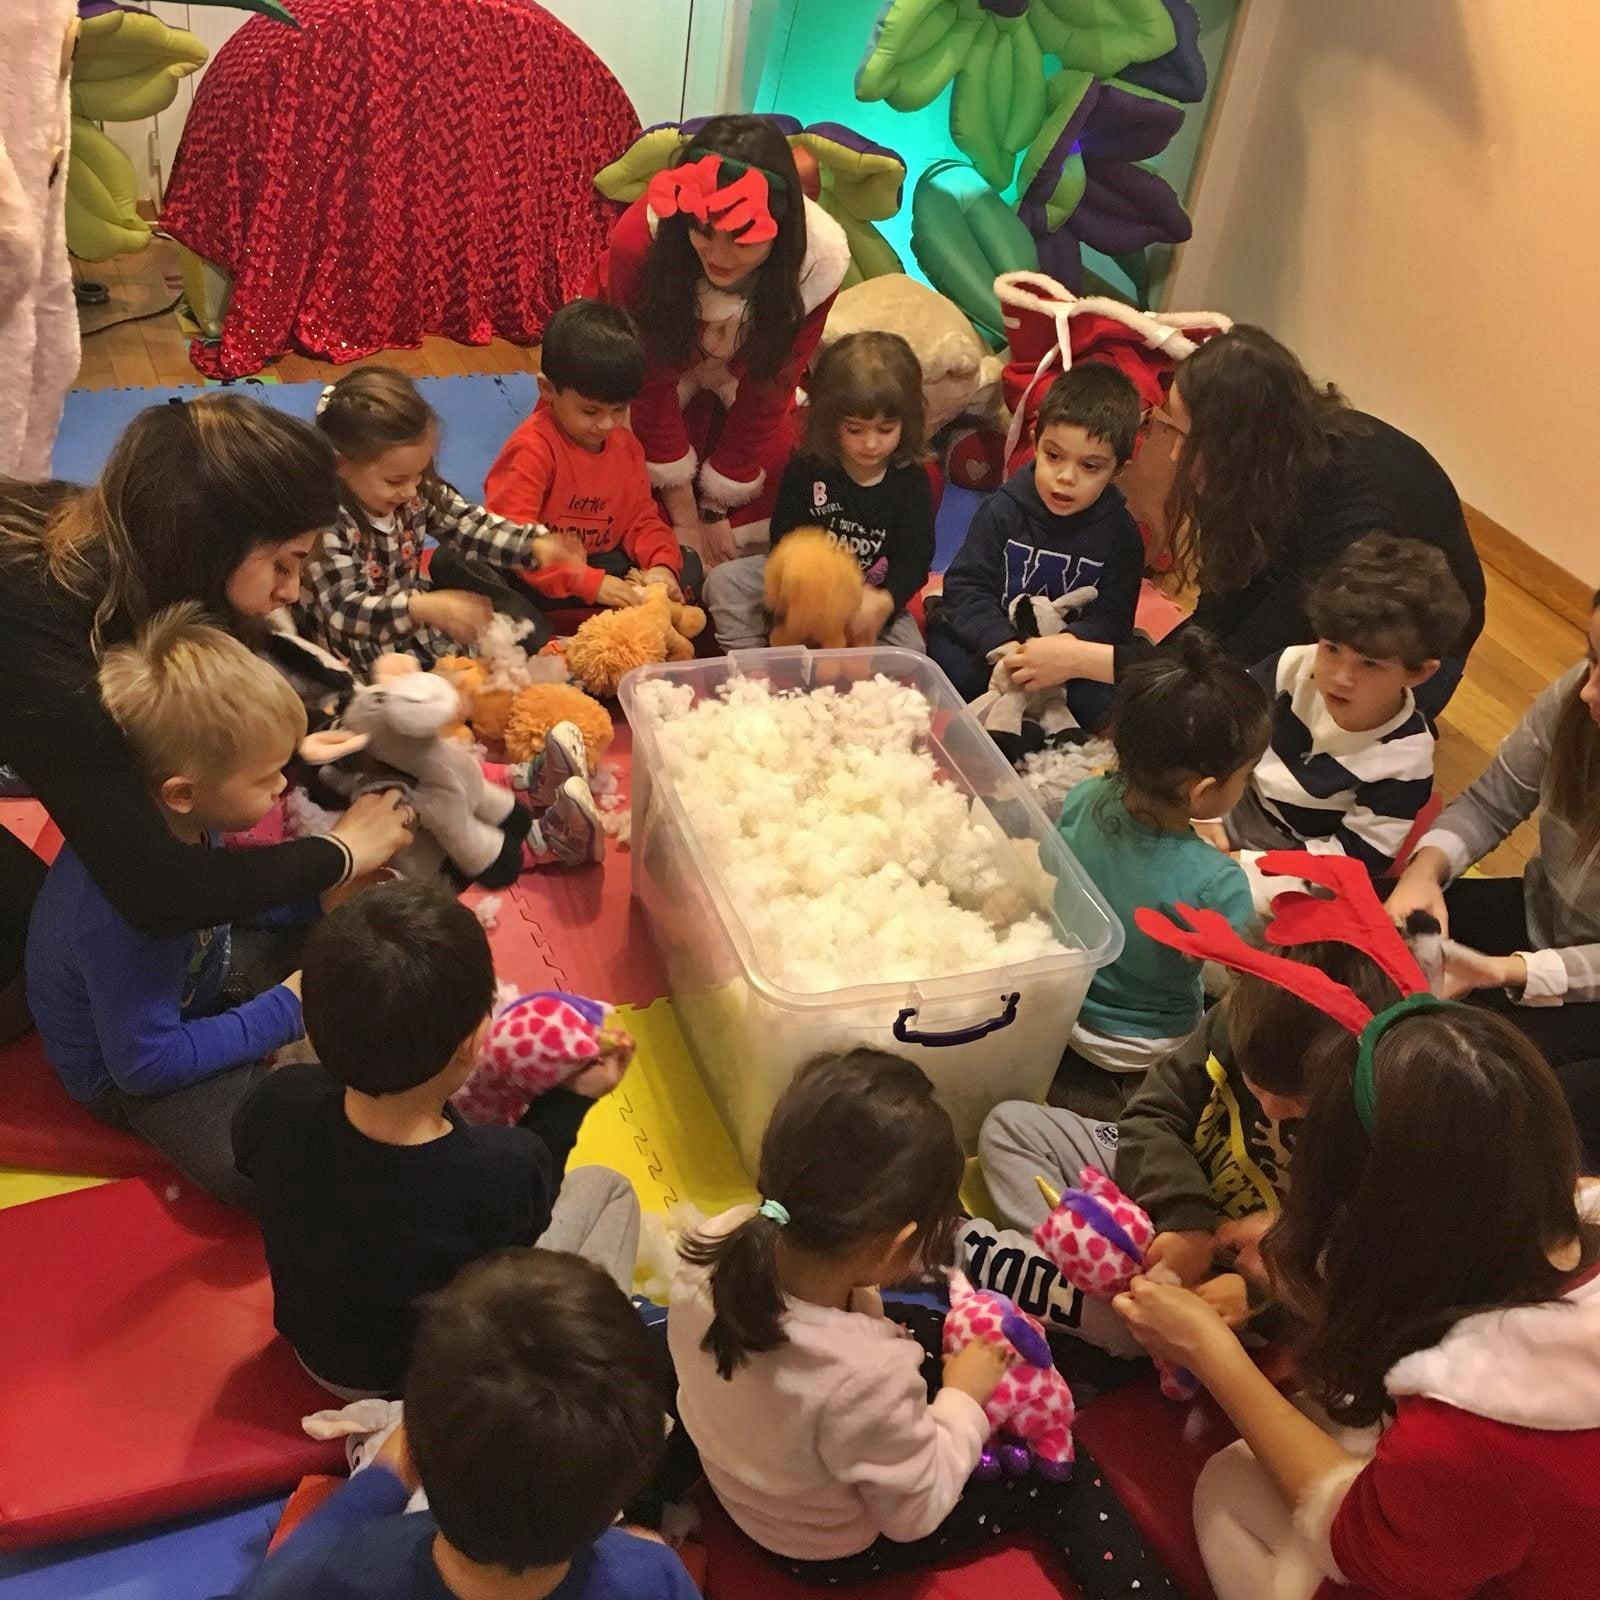 Kaplumbağa Anaokulu Galeri Günlük Eğitim Öğretim Hayatından Kareler 12